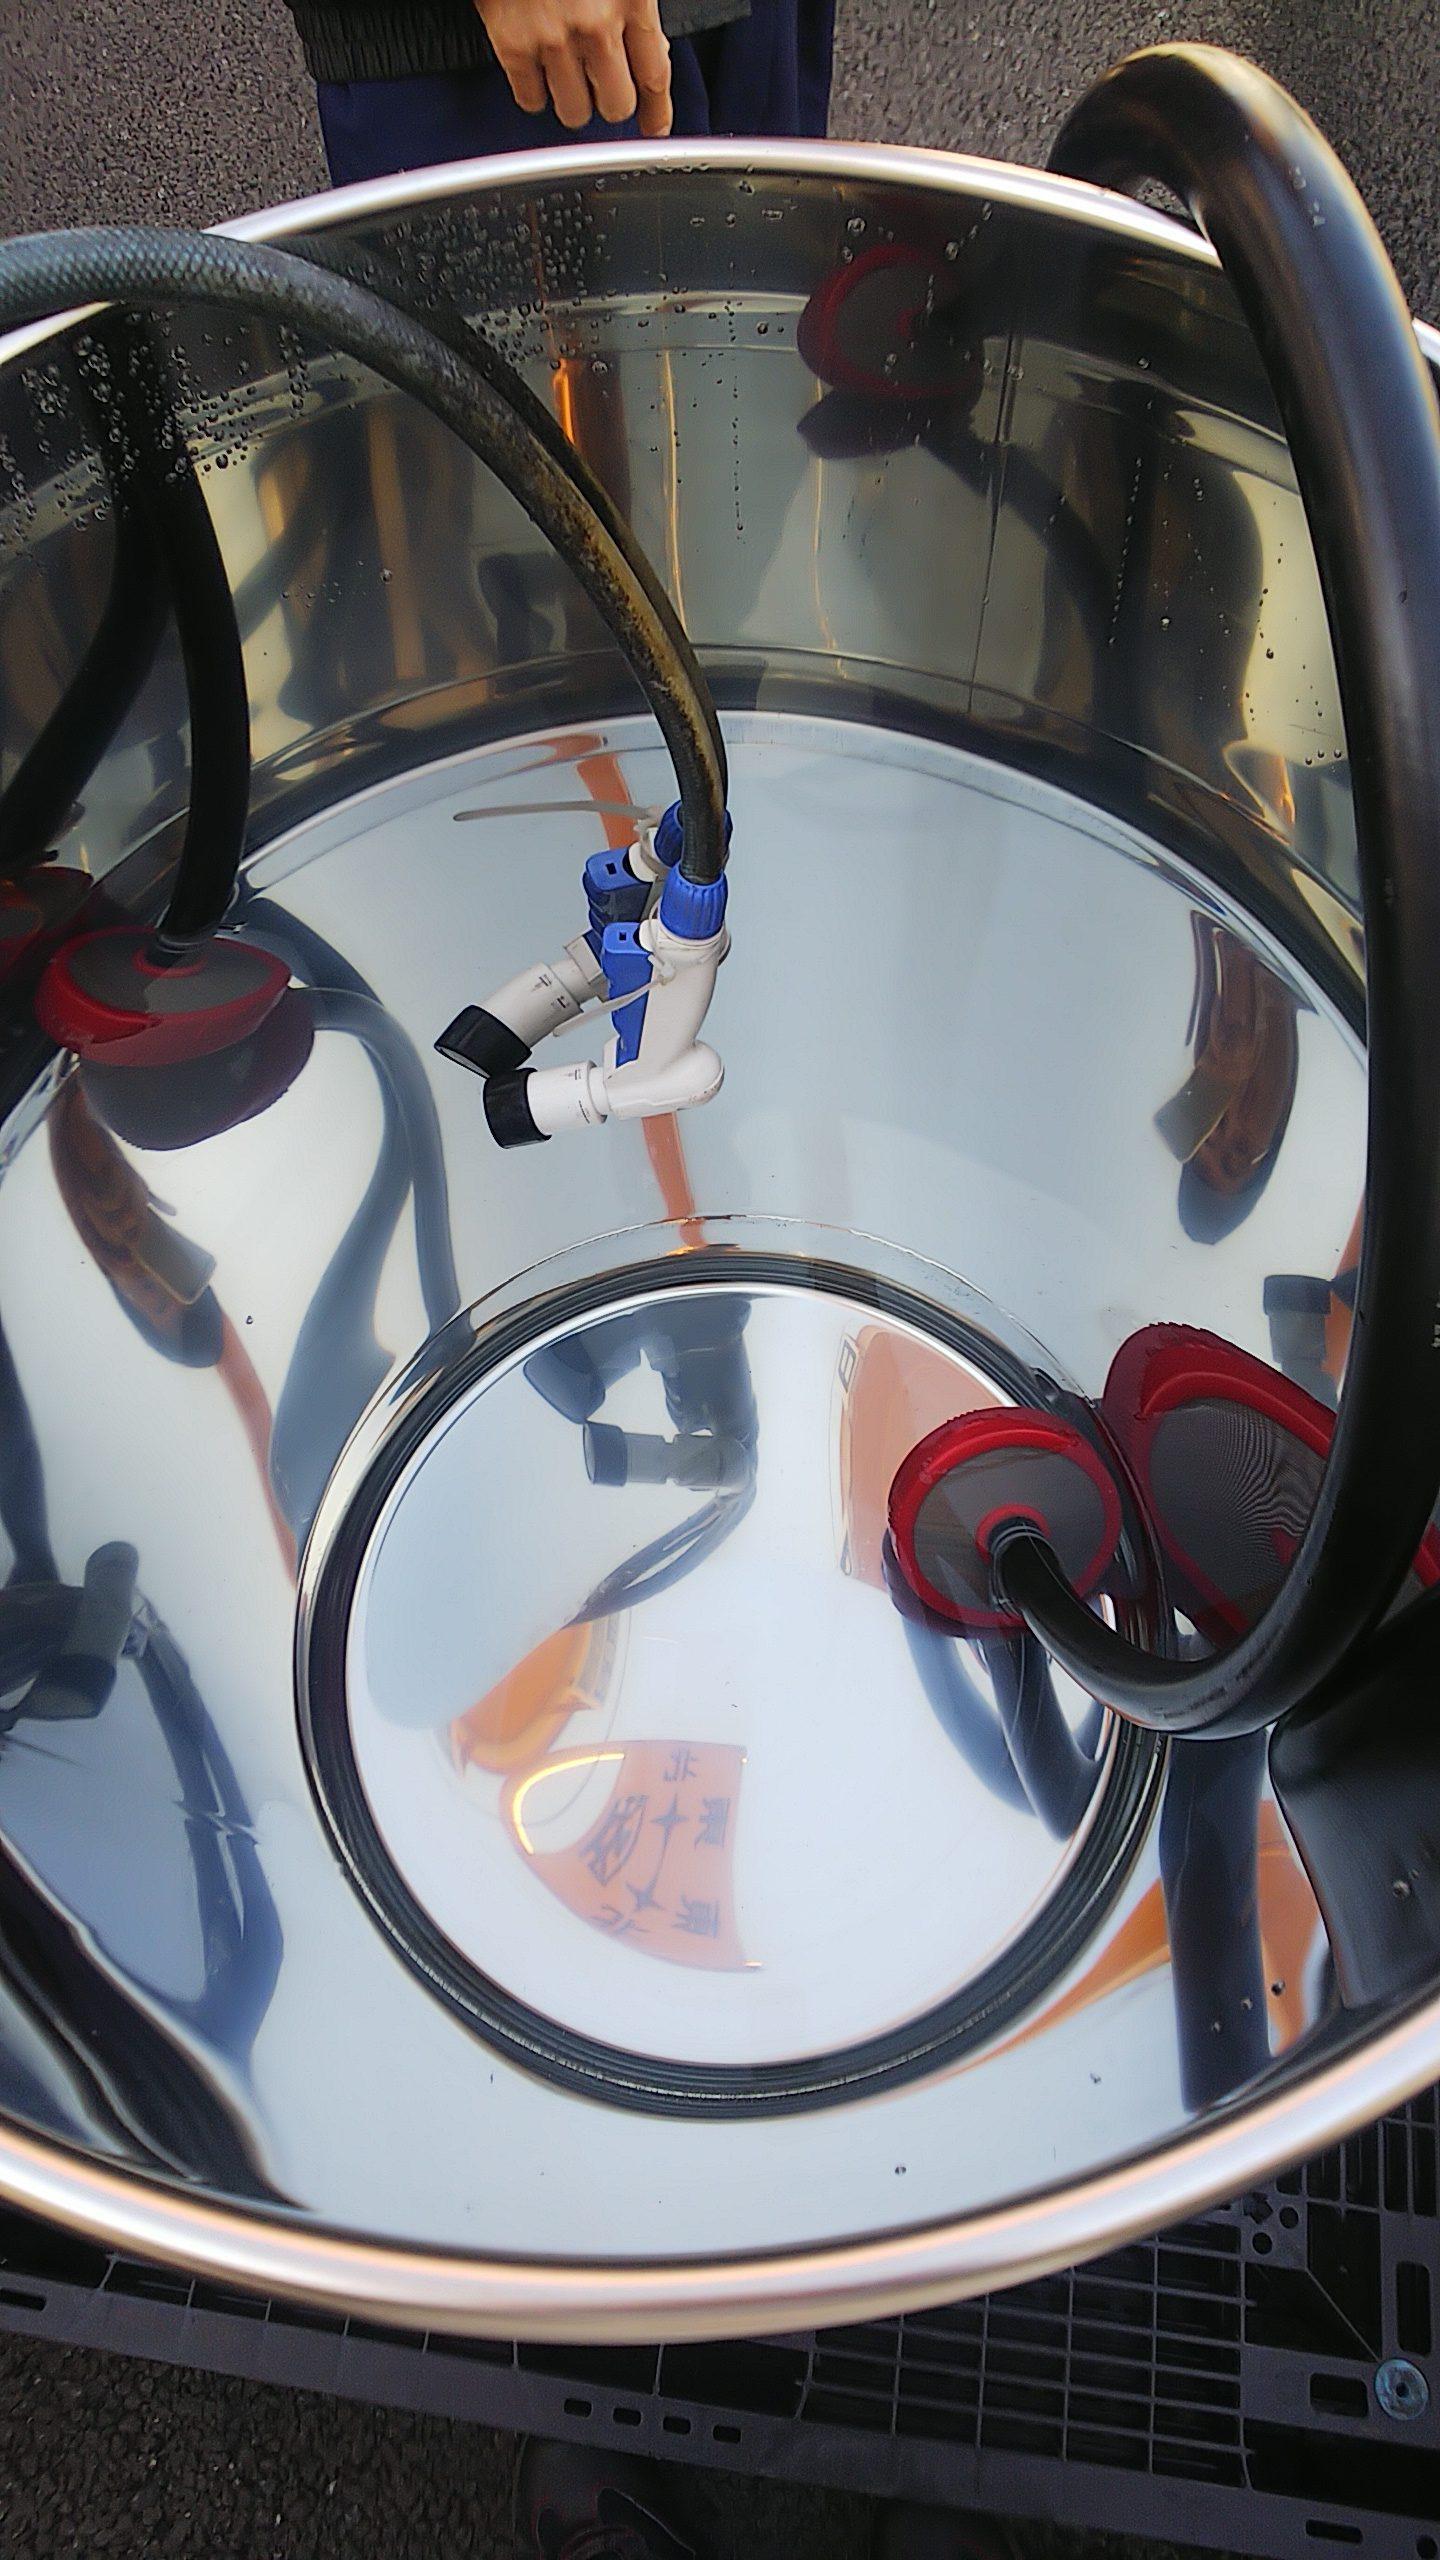 コンテナ洗浄システム導入実績 003-photo